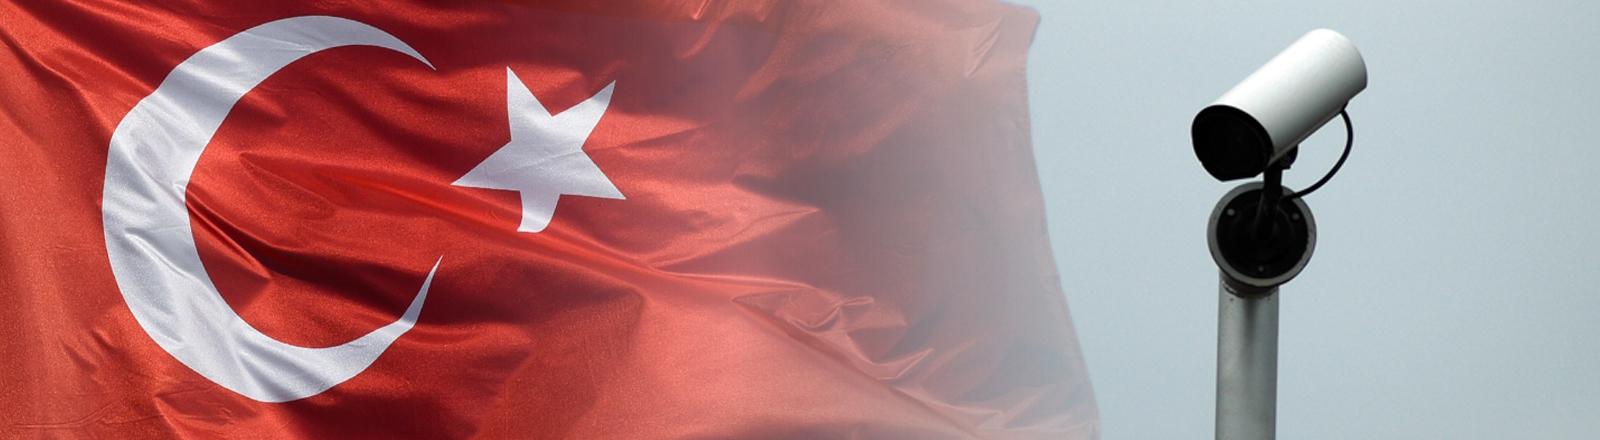 Eine türkische Flagge und eine Überwachungskamera